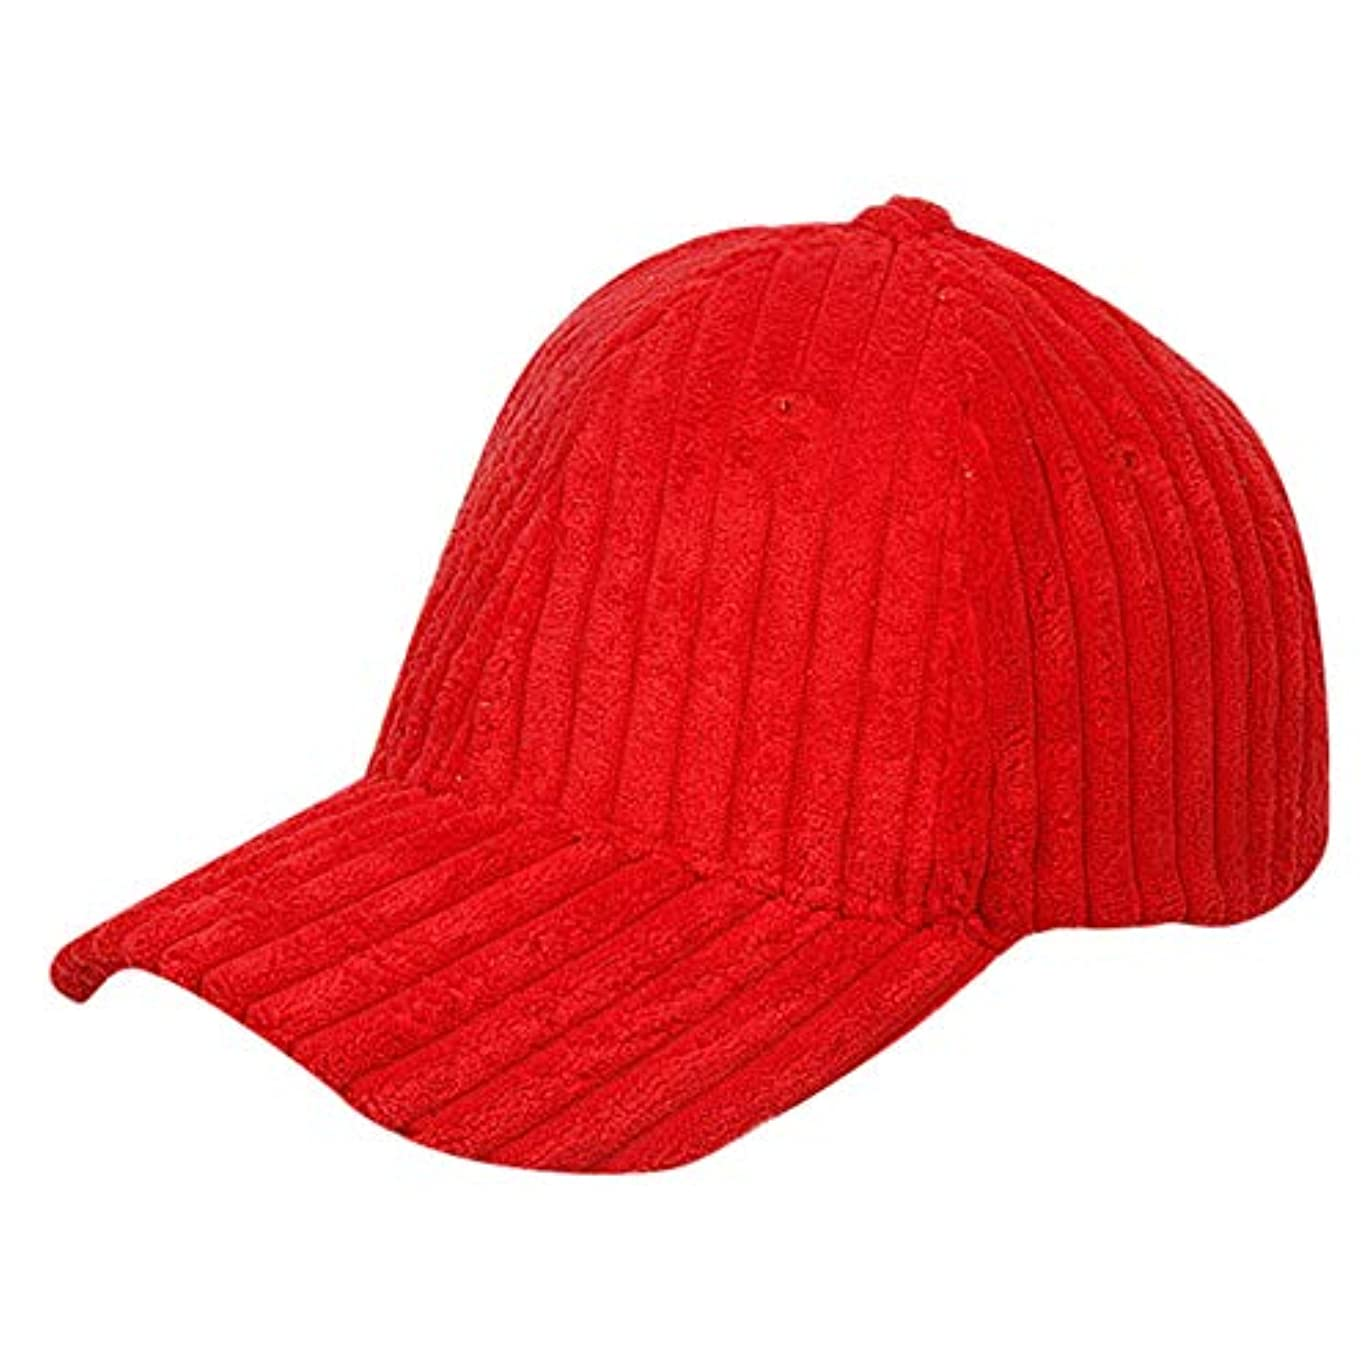 ヒロイック複雑なアマゾンジャングルRacazing Cap コーデュロイ 野球帽 迷彩 冬 登山 通気性のある メッシュ 帽子 ベルクロ 可調整可能 ストライプ 刺繍 棒球帽 UV 帽子 軽量 屋外 Unisex Hat (赤)